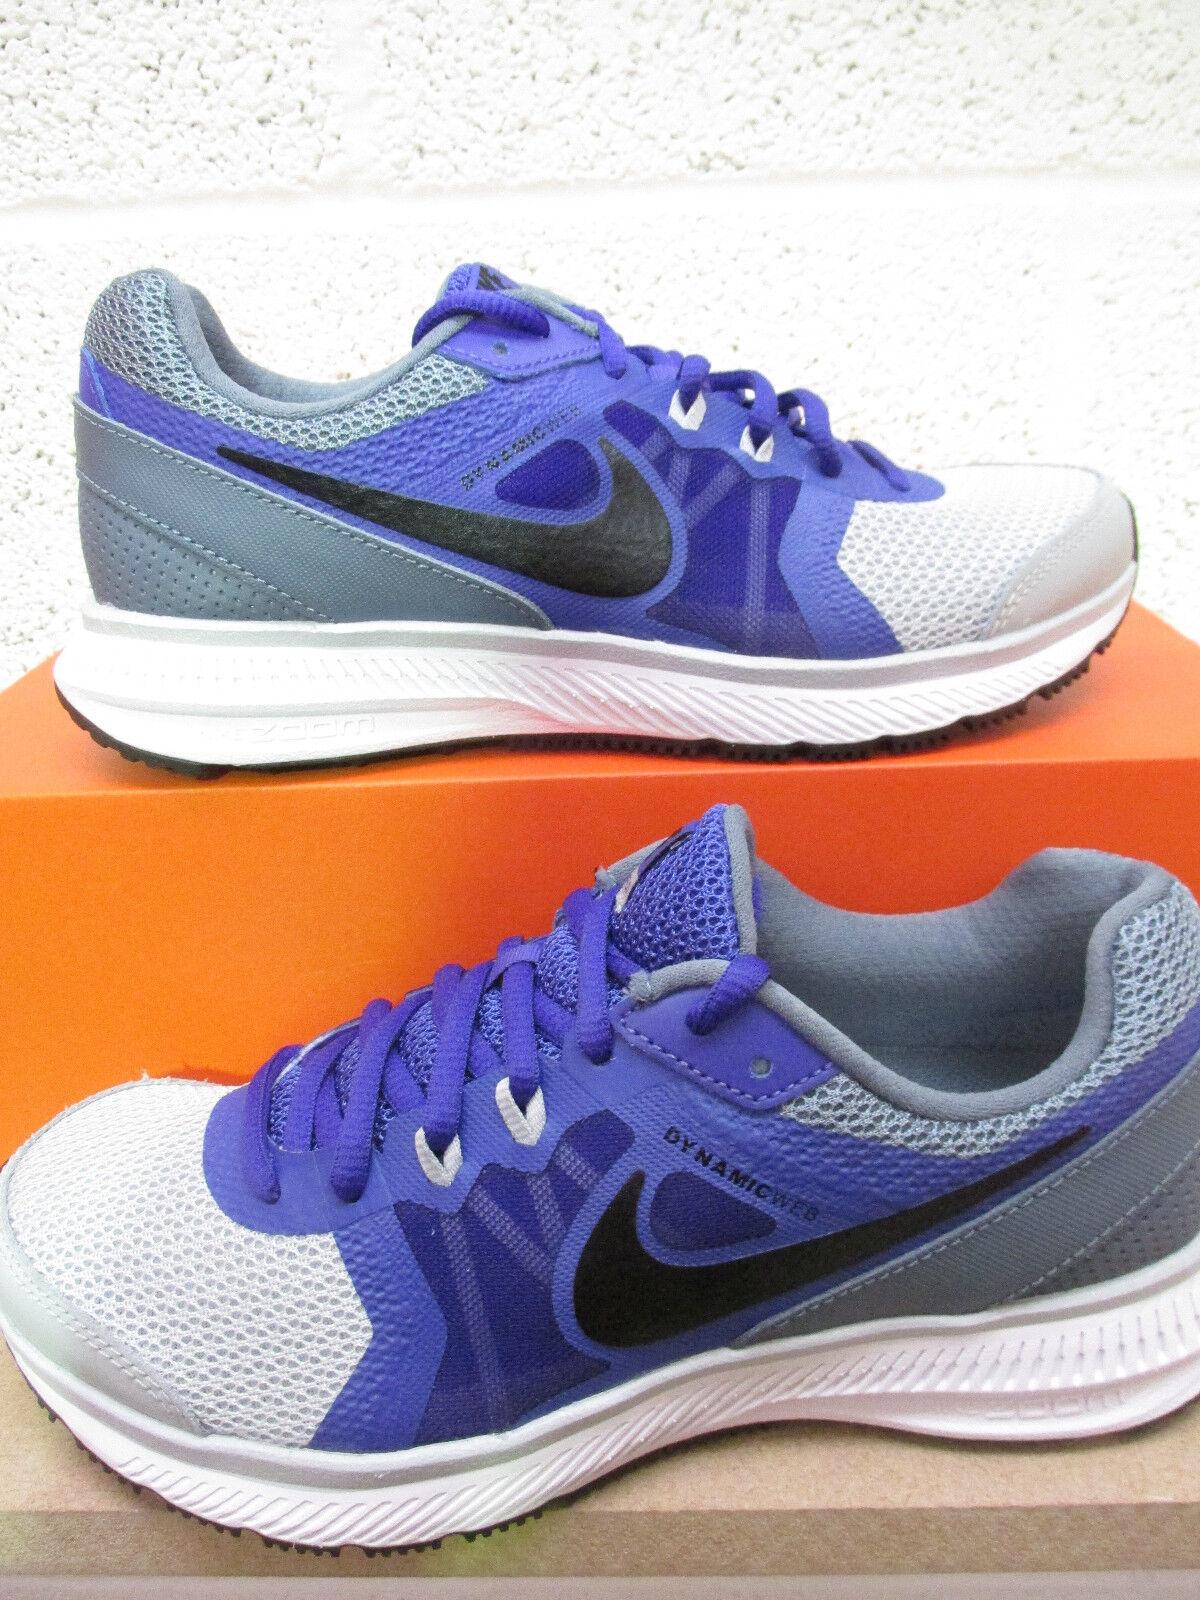 Nike Donna Zoom Winflo Scarpe da Corsa 684490 013 Scarpe da Tennis